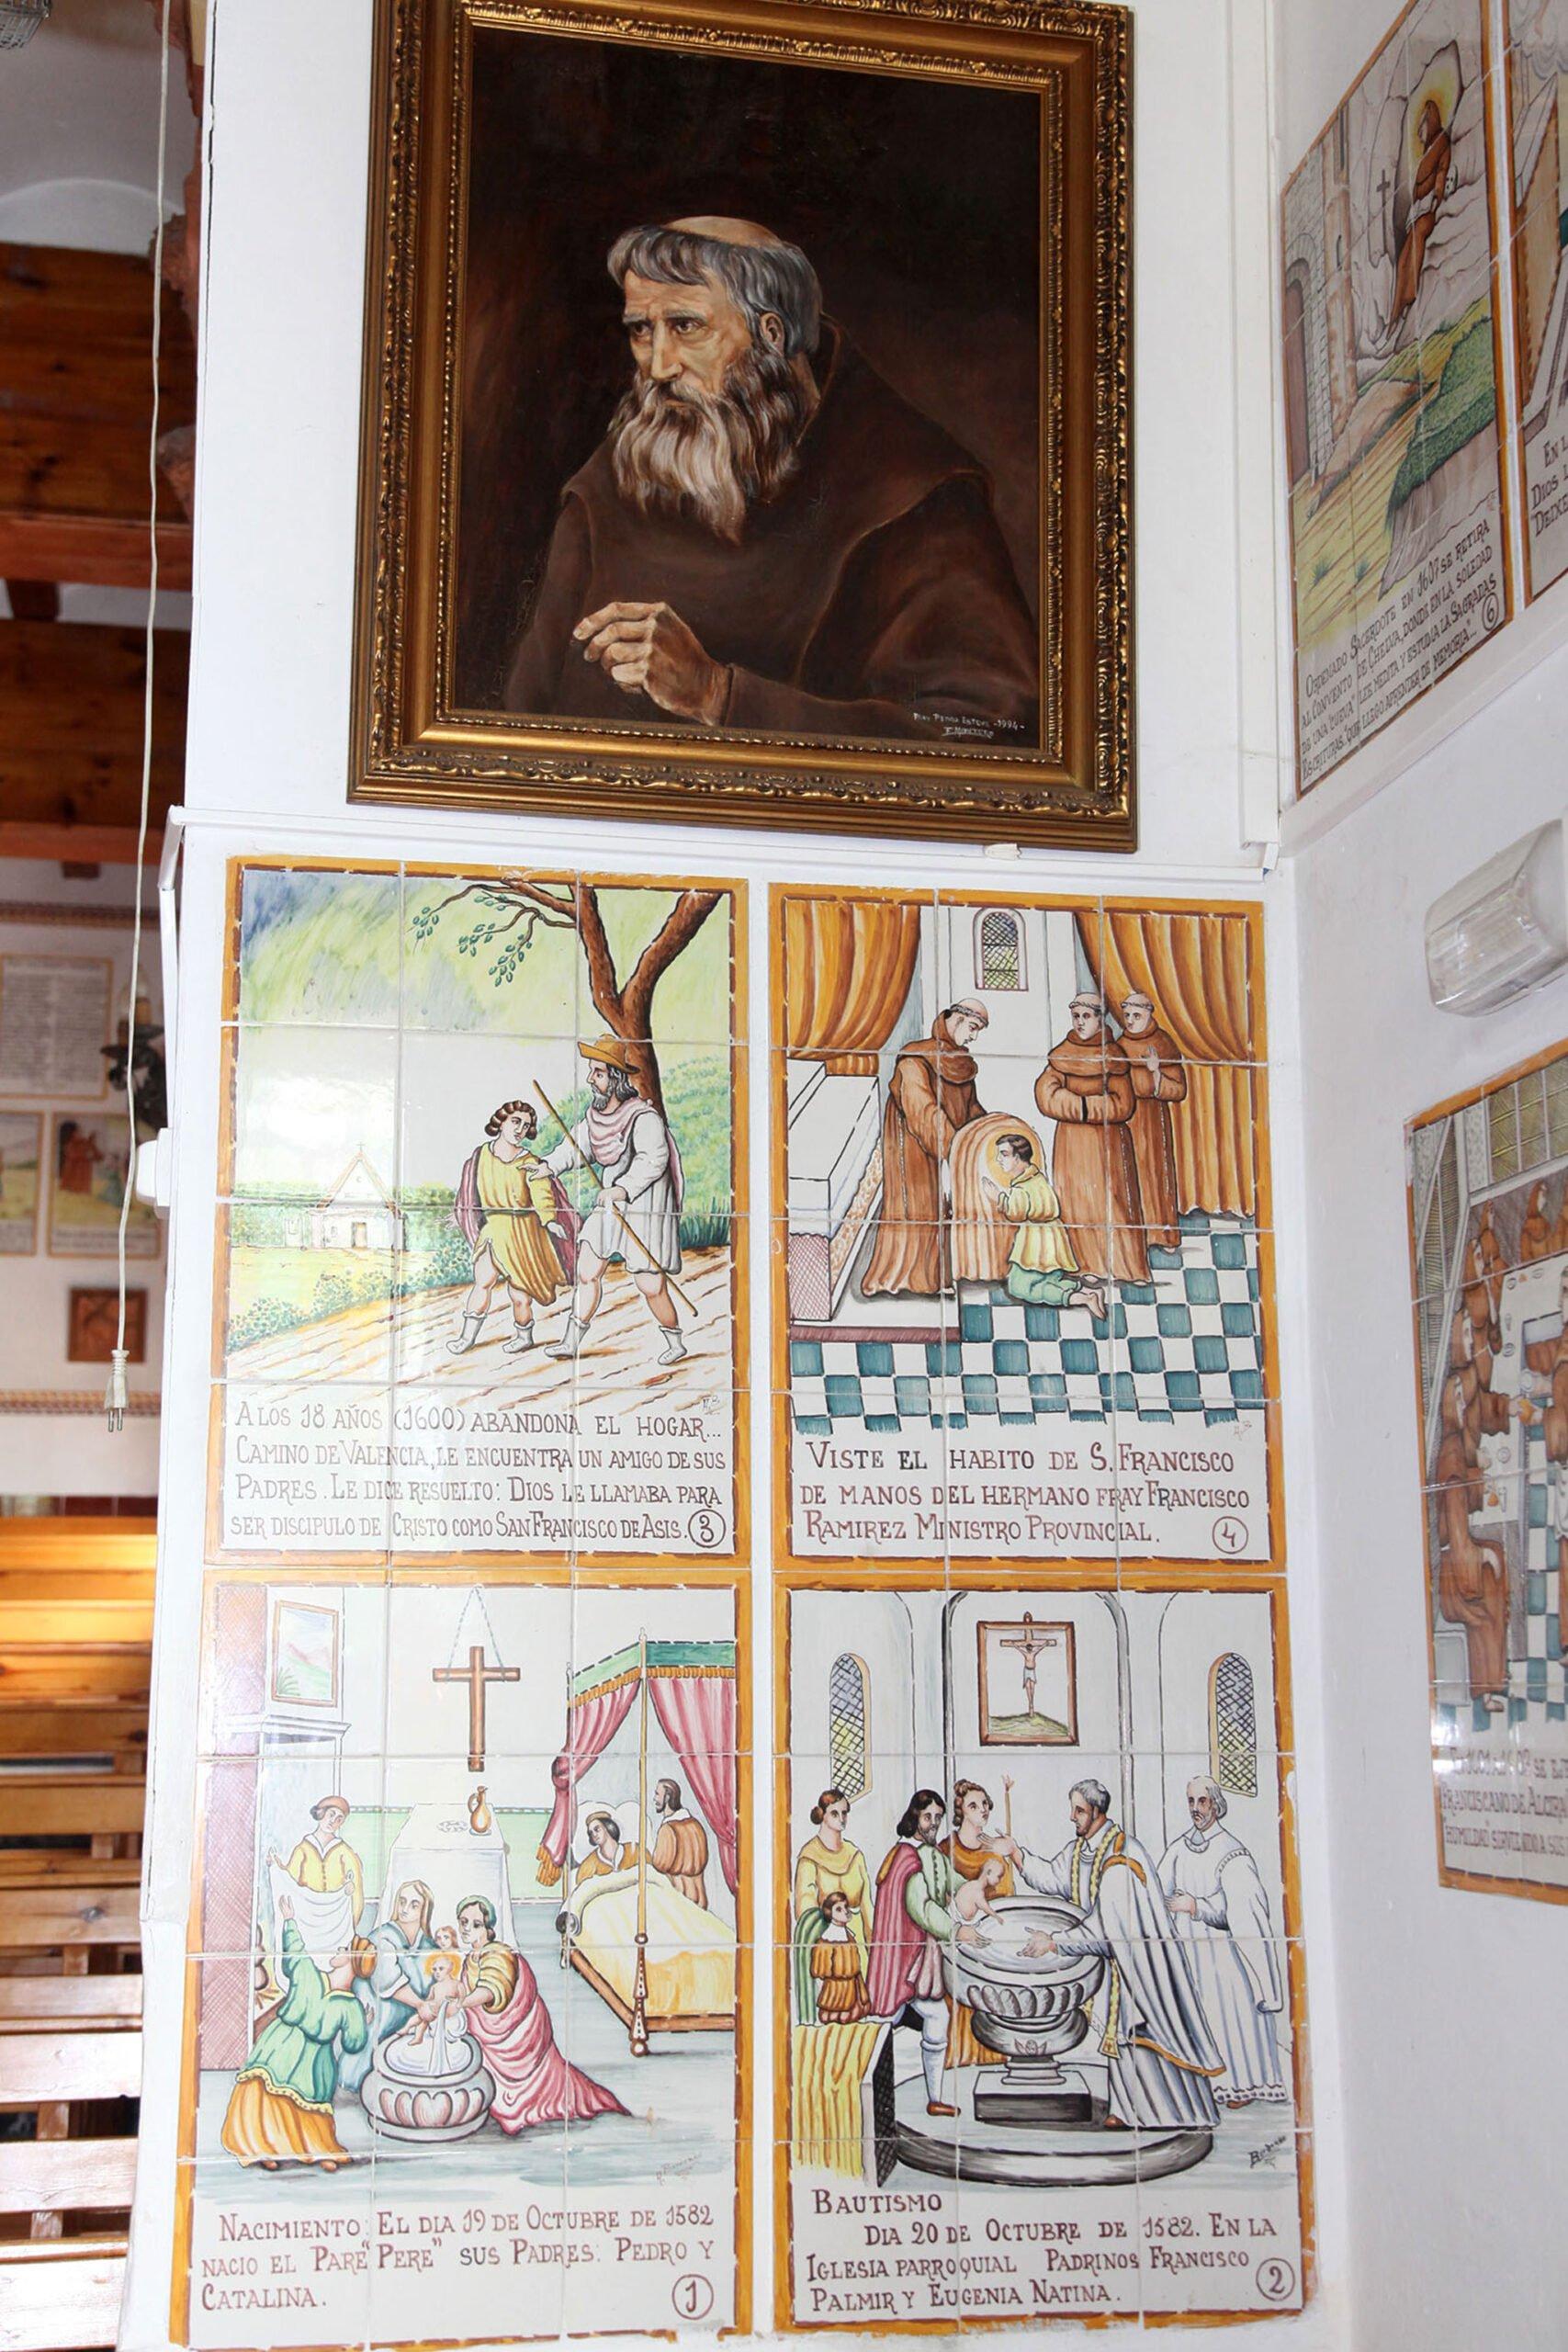 Imágenes en el interior de la ermita del Pare Pere en Dénia | Imagen: Tino Calvo